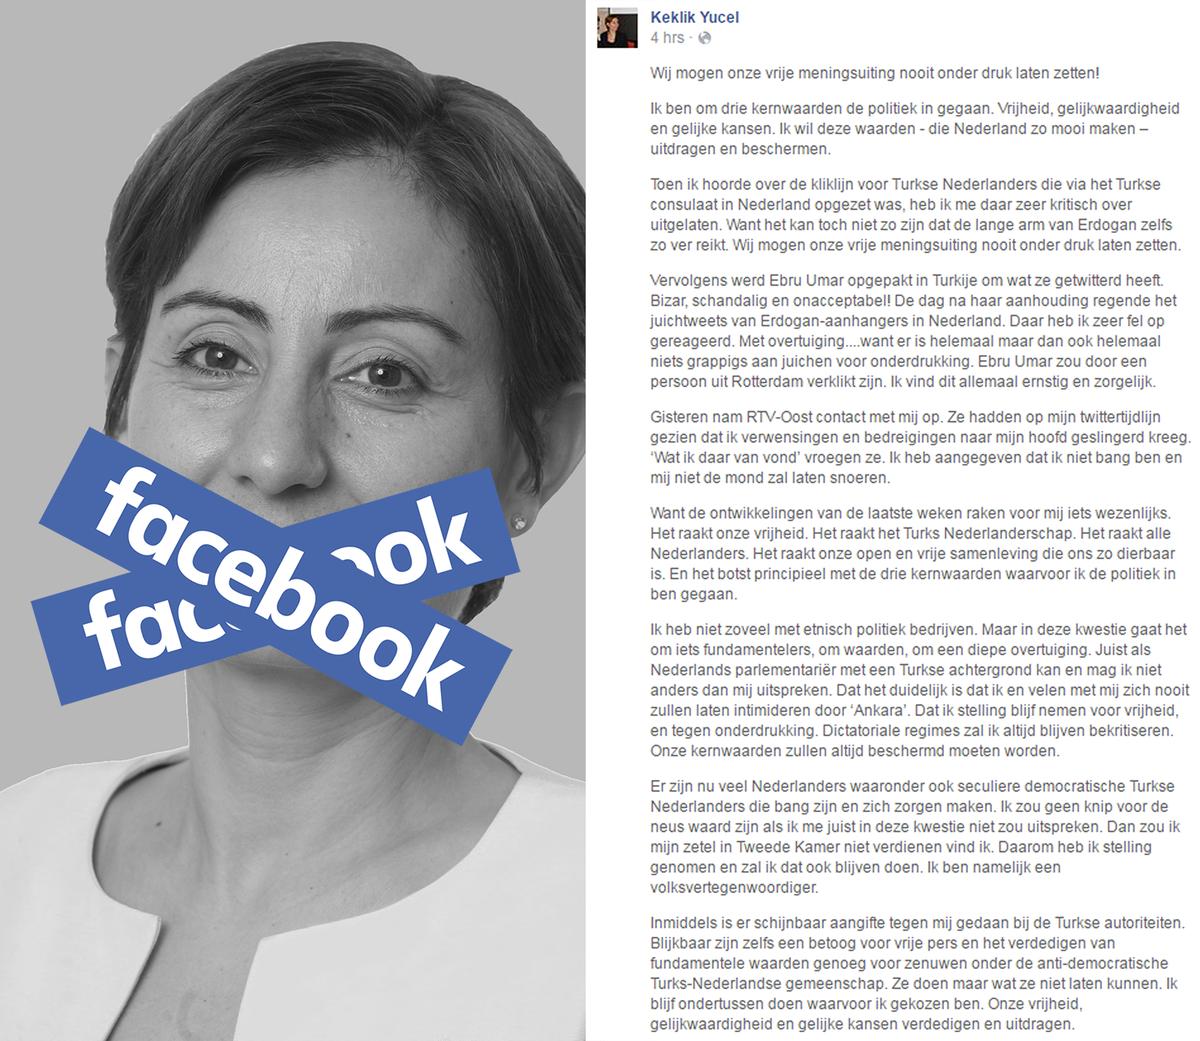 Op #Facebook schreef @keklikyucel over het belang van #vvmu. Nu is haar profiel verdwenen:  https://t.co/Sf6pz1CxYV https://t.co/FP5Ci7vBqO